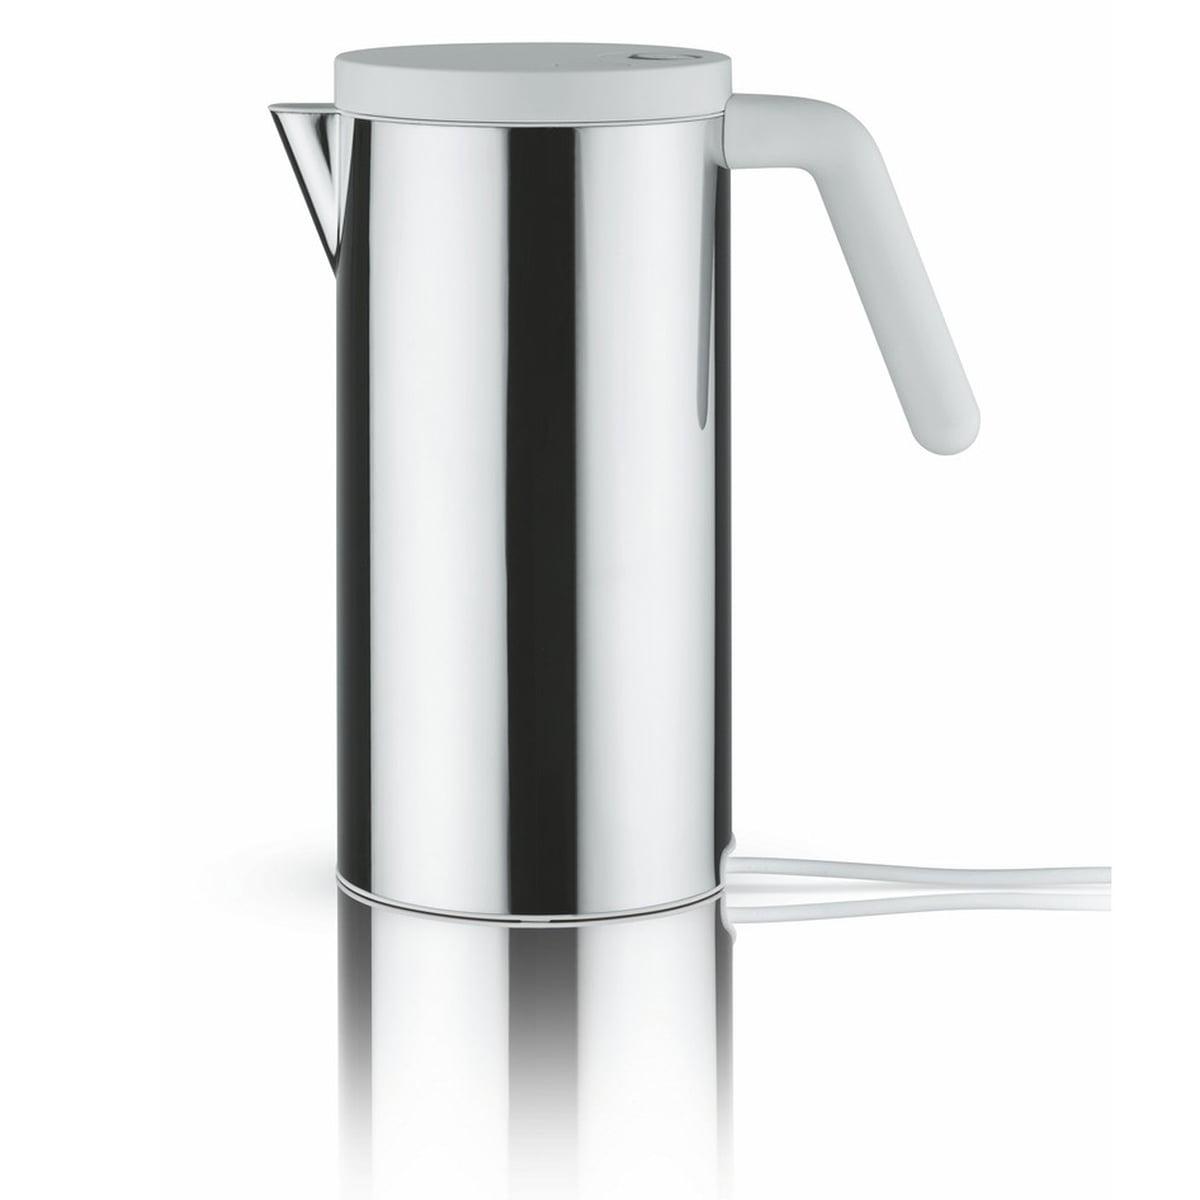 Hot.it elektrischer Wasserkocher, 1.4 l, weiß